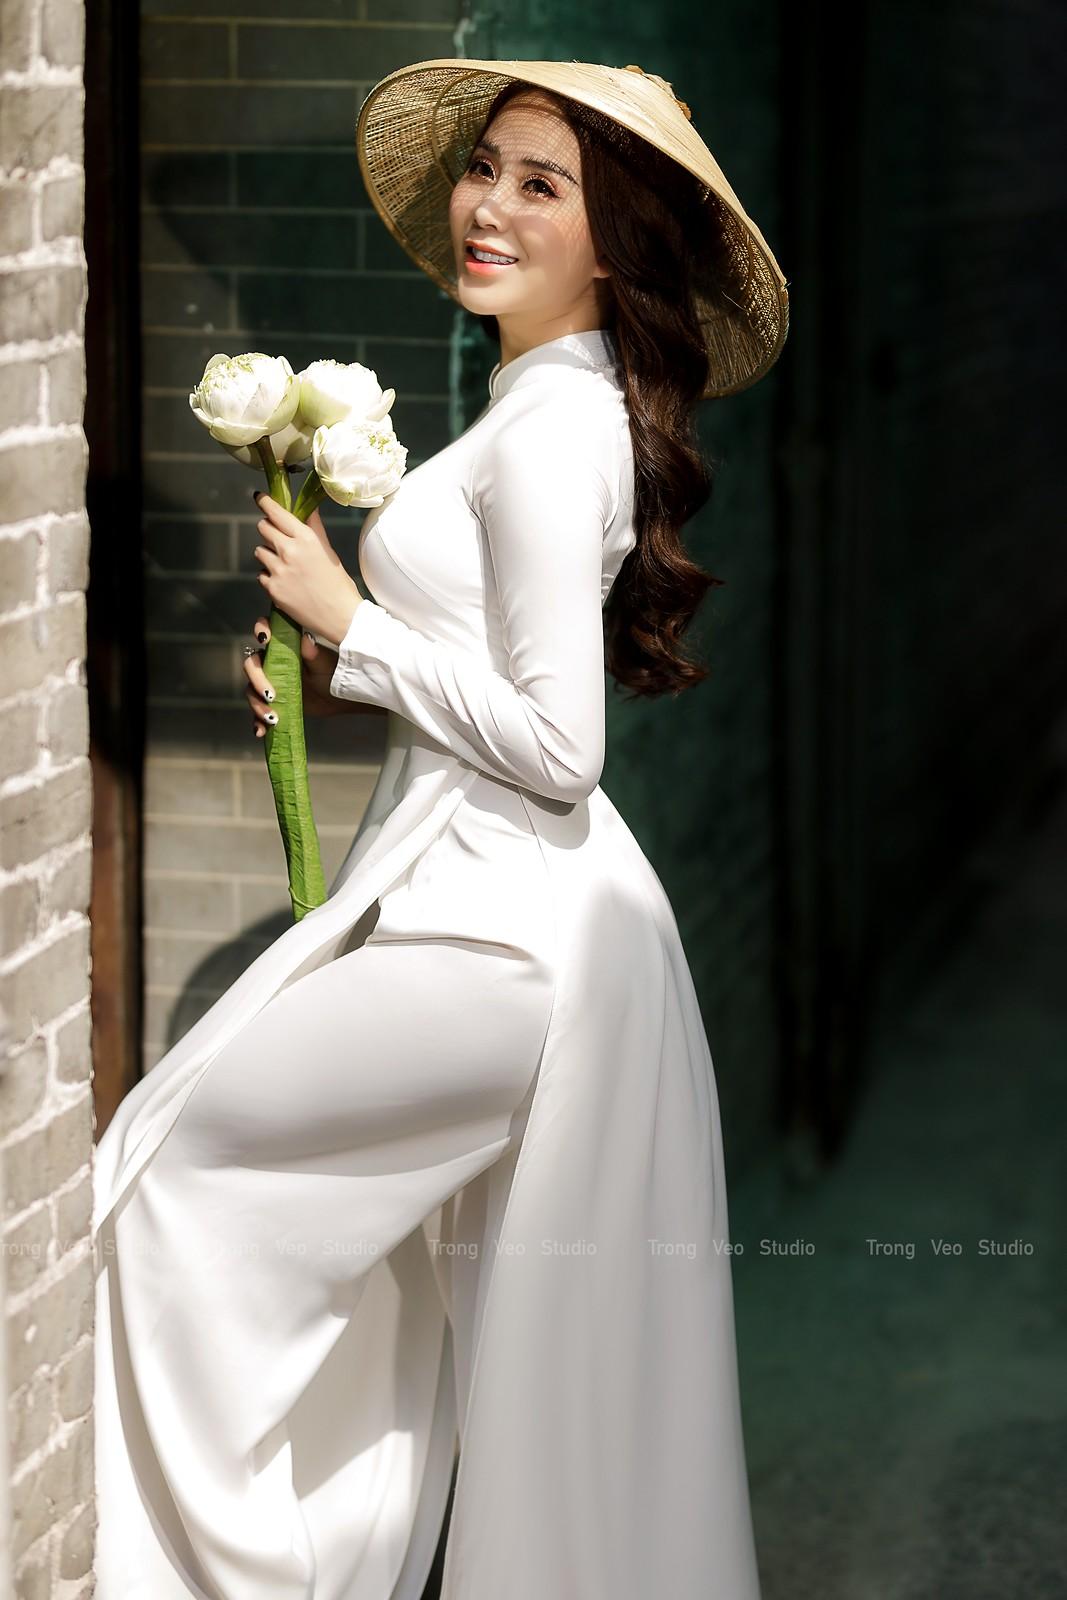 Ngắm hot girl Lục Anh xinh đẹp như hoa không sao tả xiết trong tà áo dài truyền thống - 16